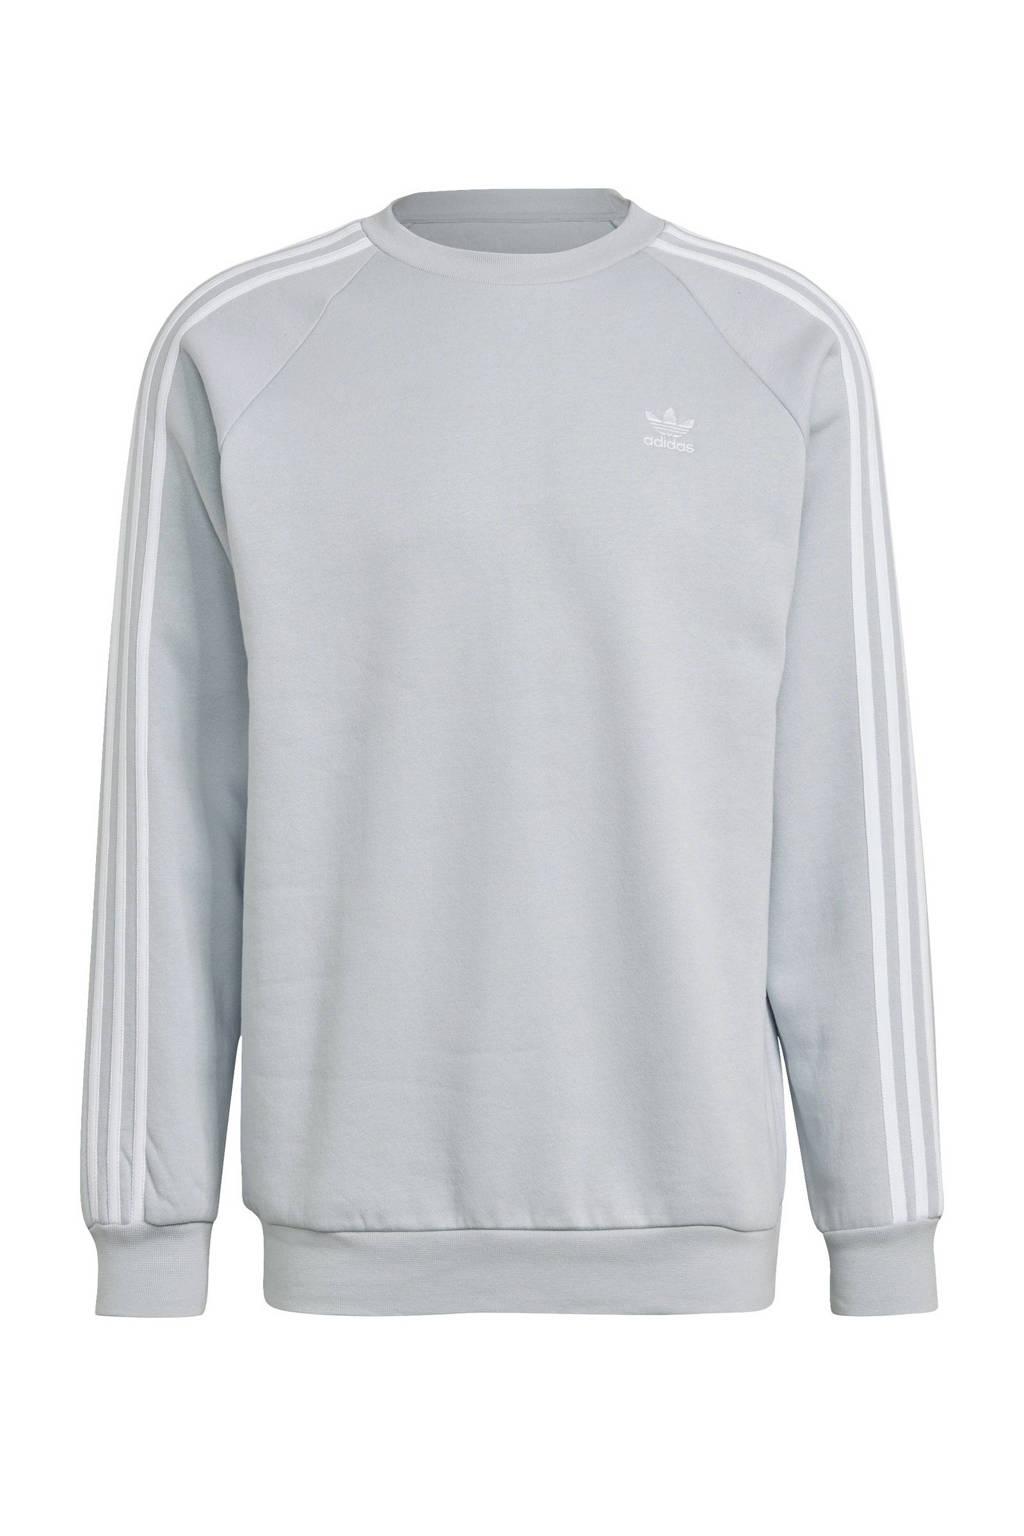 adidas Originals Adicolor sweater lichtblauw, Lichtblauw